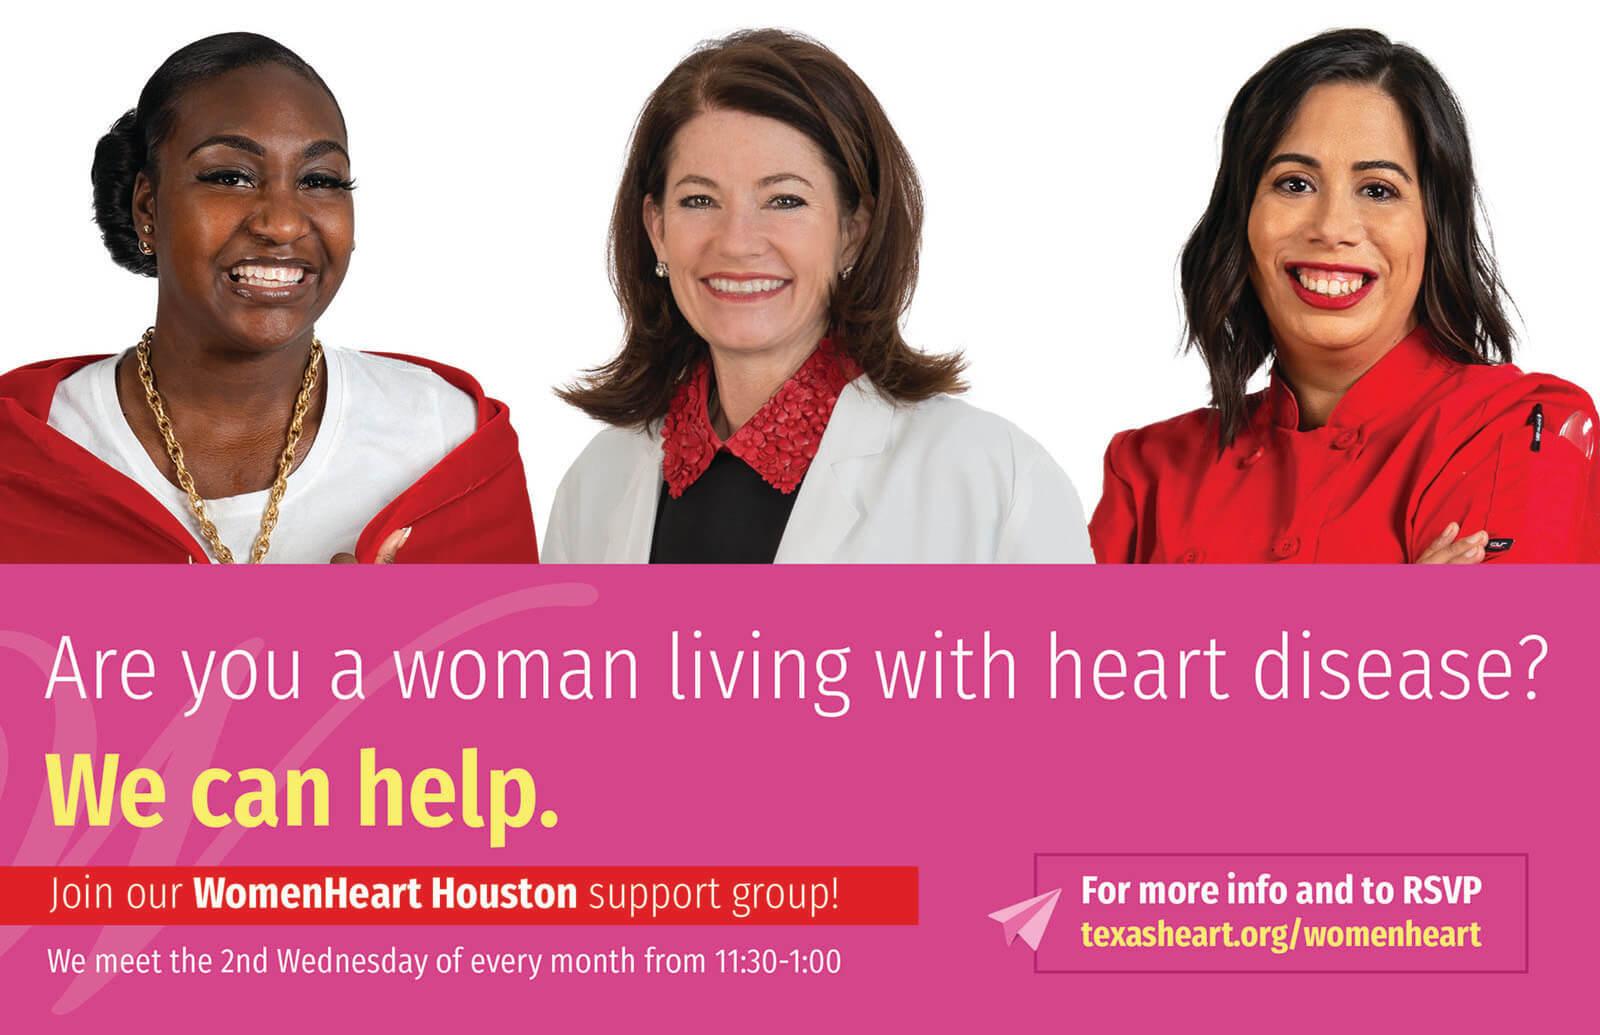 WomenHeart-Houston-Support-Group-Flyer-2019.jpg